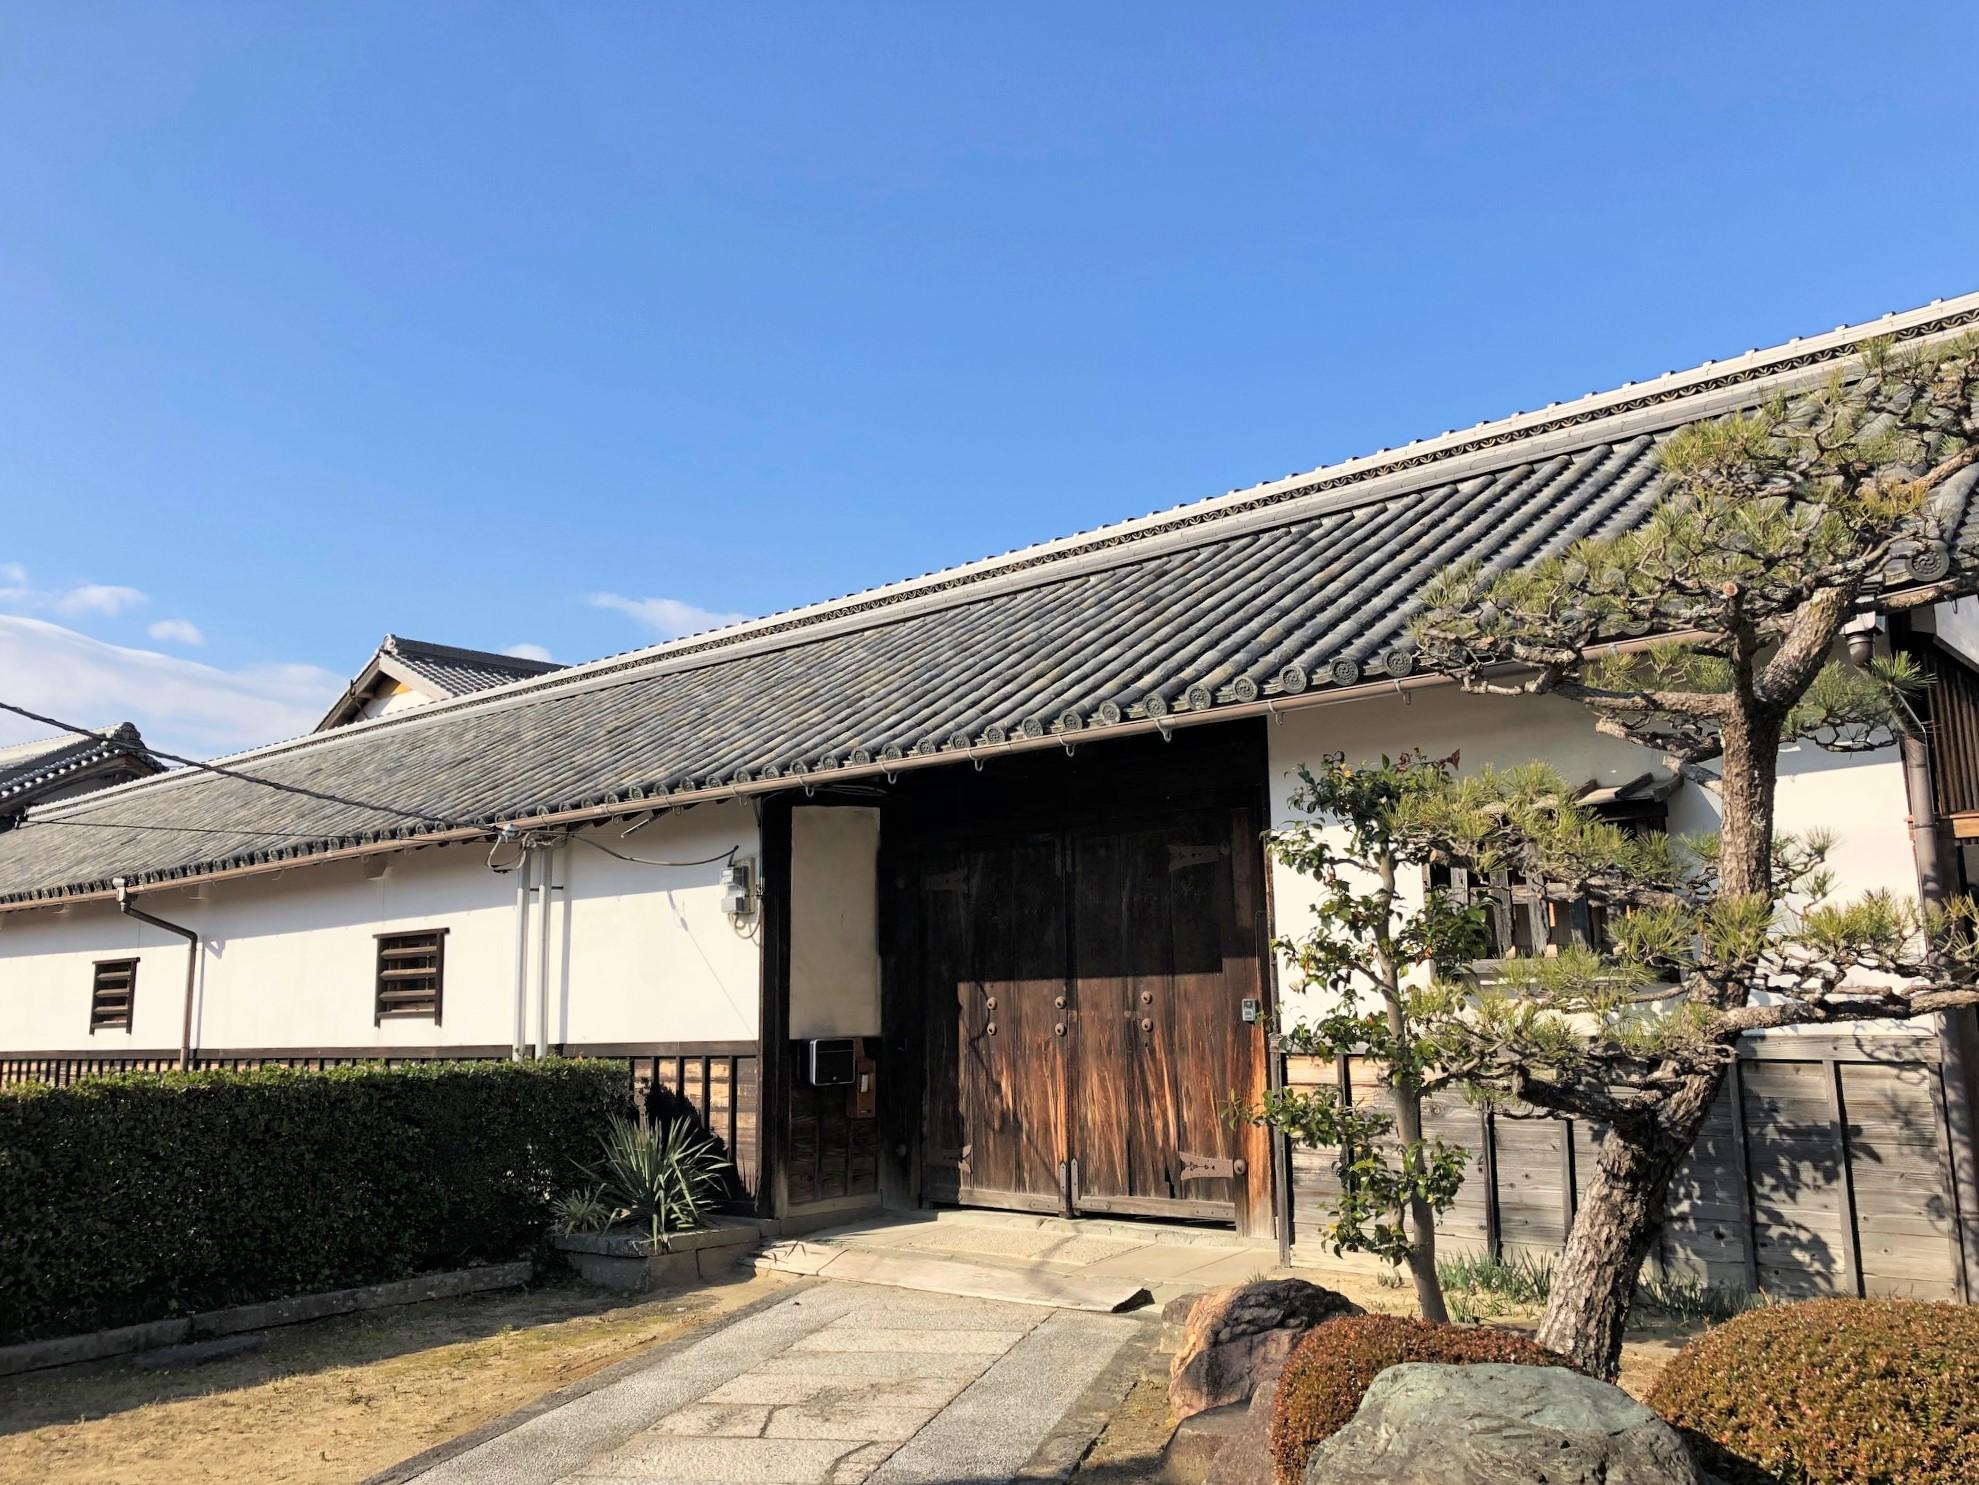 <p>内部の門である長屋門</p>敷地幅ほぼ一杯の間口約30m、その屋根が屋敷の景観を特徴づける。太い格子を横につけた与力窓を付ける。